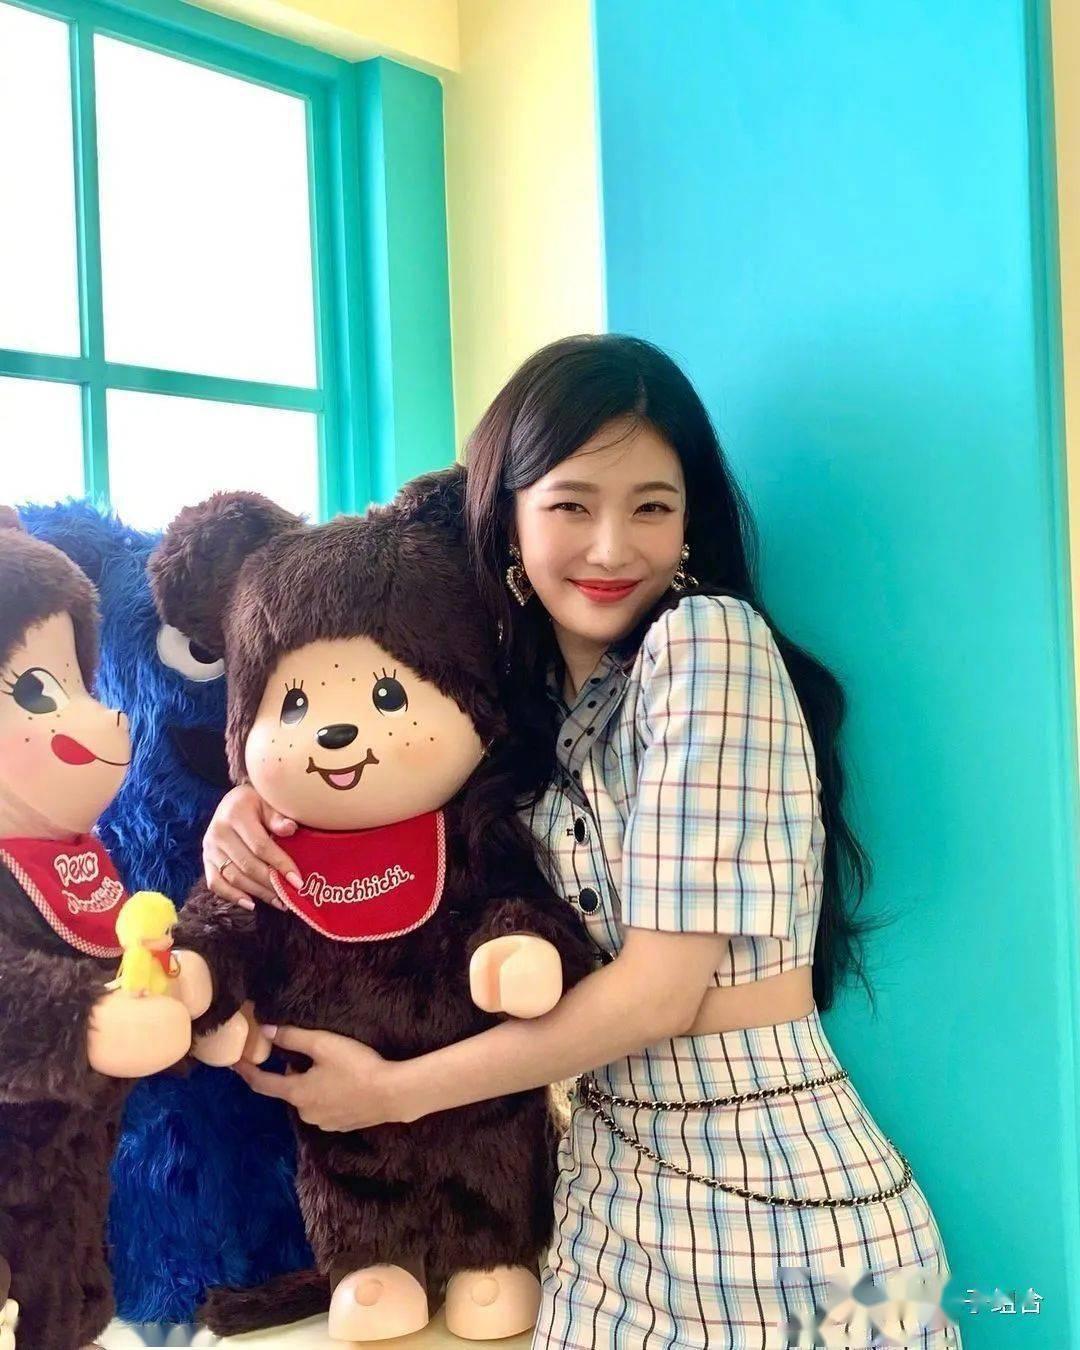 韩网友认为最适合这位女团爱豆的发型,美女气质百分百凸显!